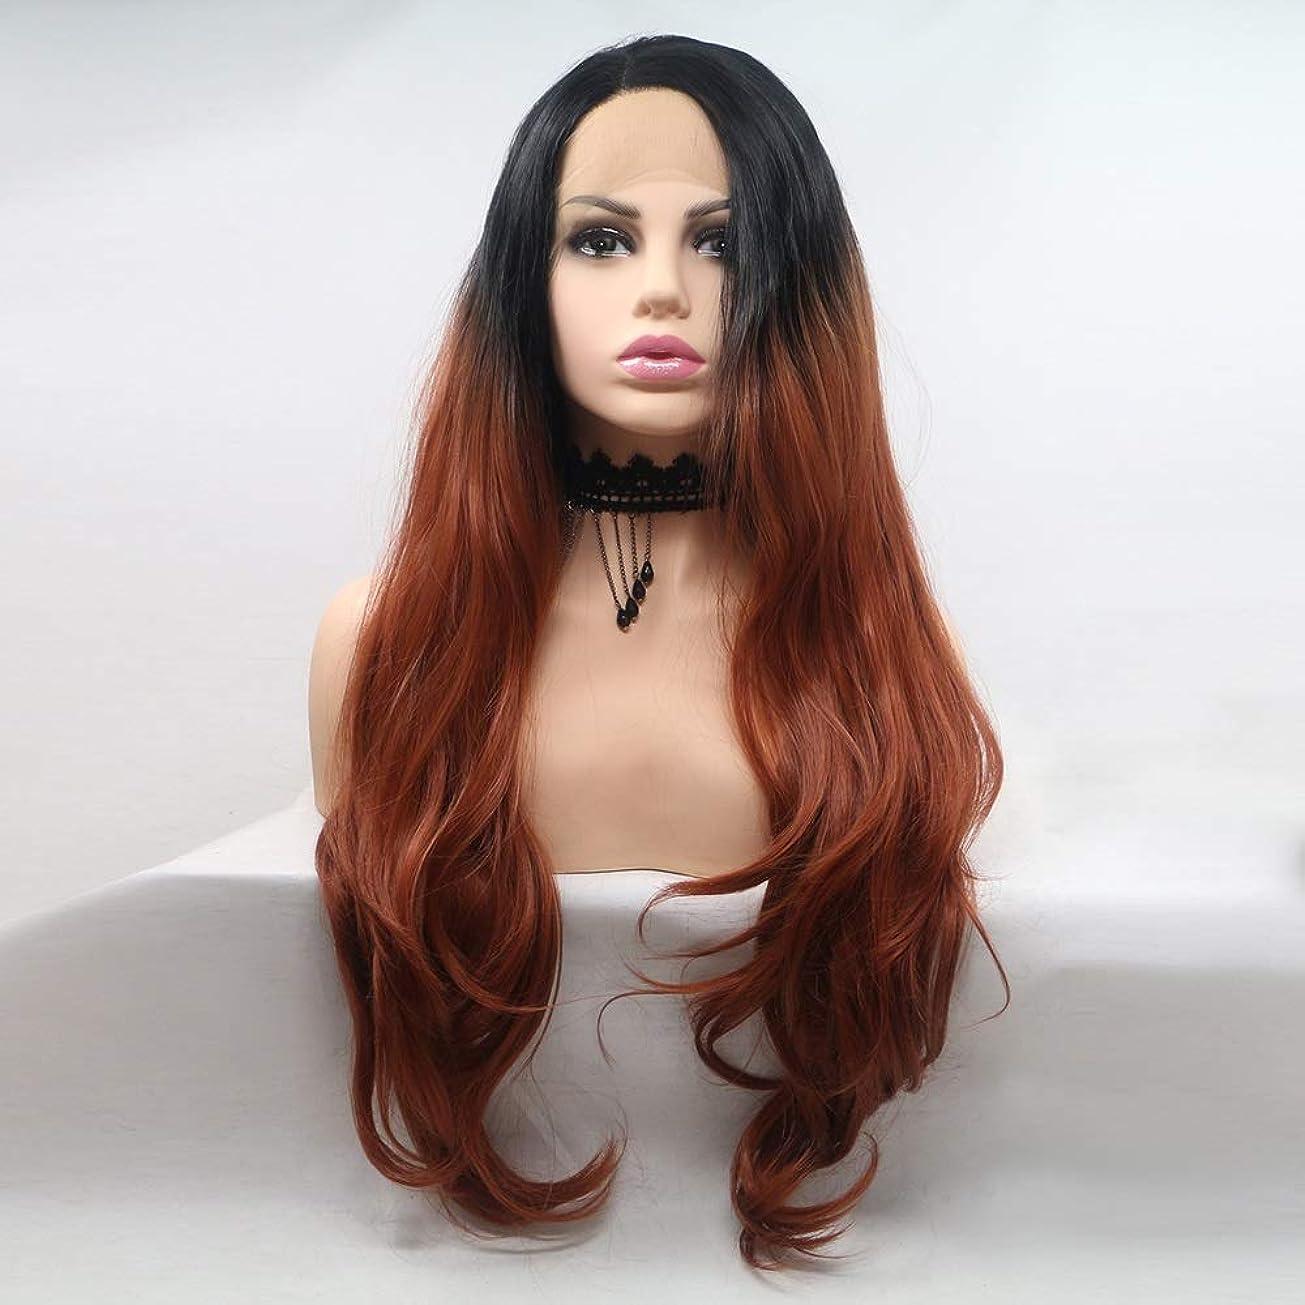 そっとオールマーカーZXF ヨーロッパとアメリカのかつらで染められた長い巻き毛の女性は、化学繊維かつらの髪のセットで髪に設定 - 黒 - 赤 - グラデーション - 長い髪 - 大きなウェーブのかかった髪 美しい